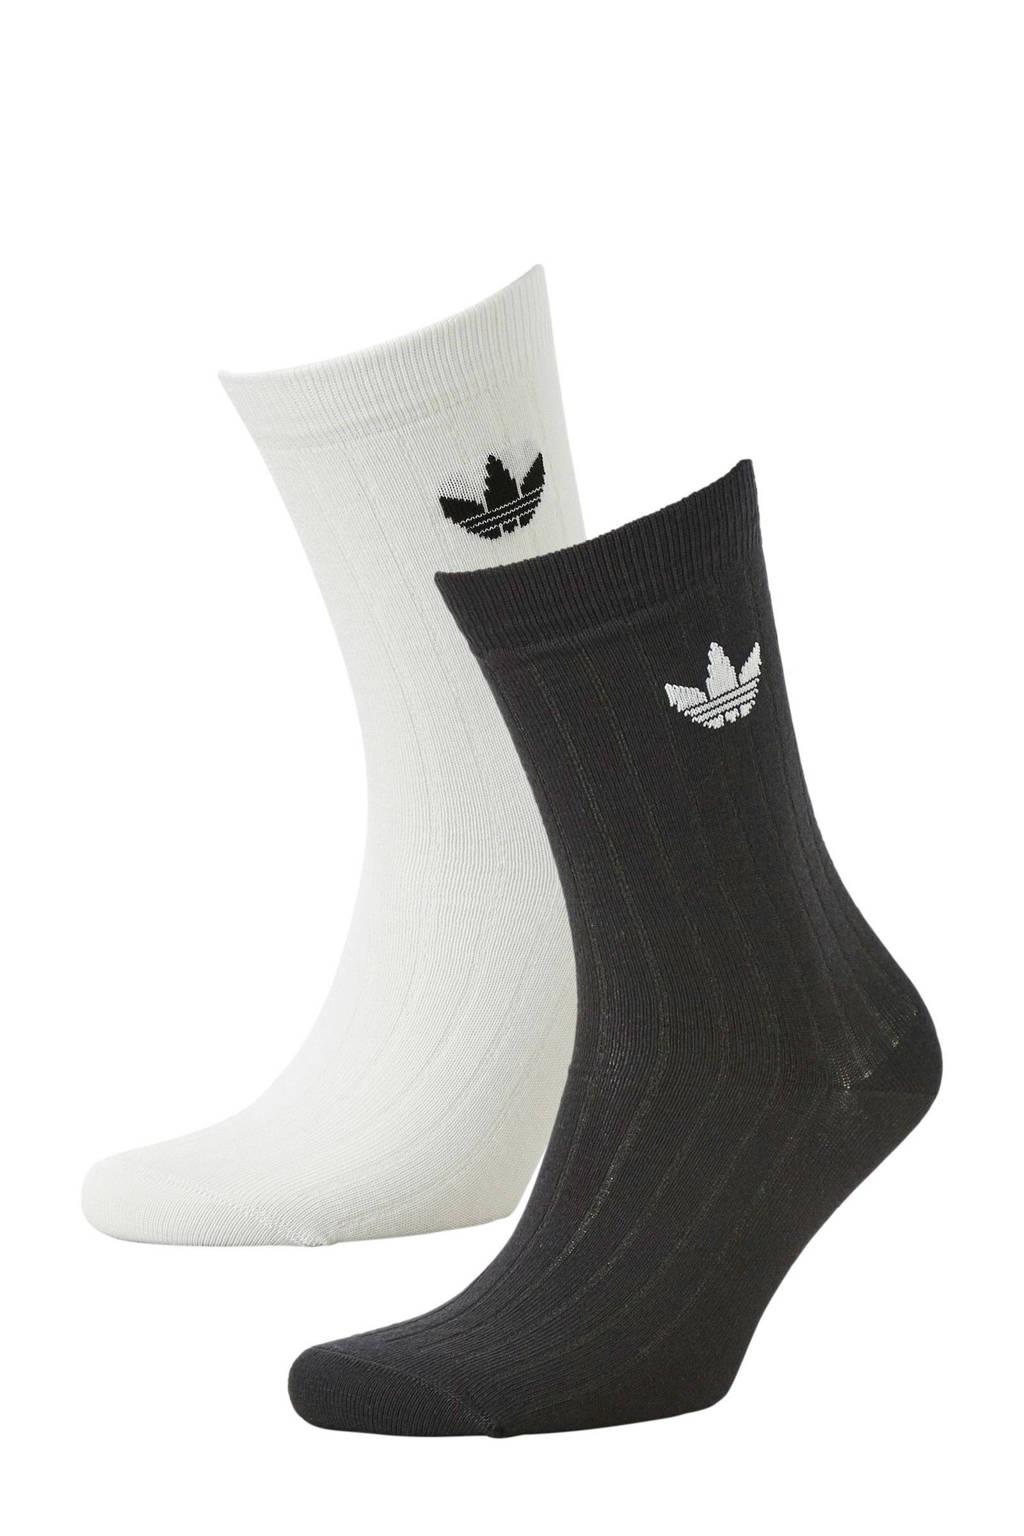 adidas originals   sokken (set van 2) zwart/wit, Zwart/wit